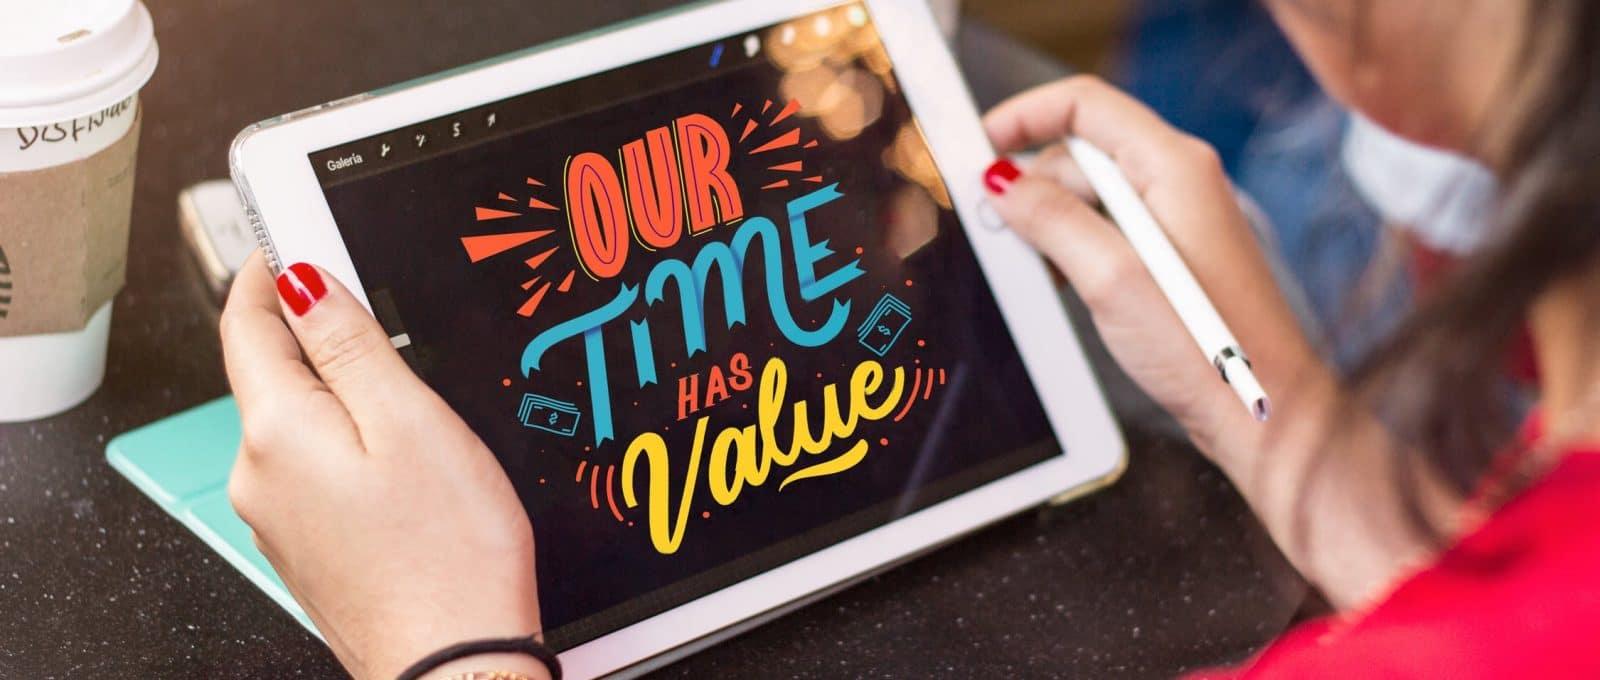 L'iPad Pro surpasse toutes les autres tablettes